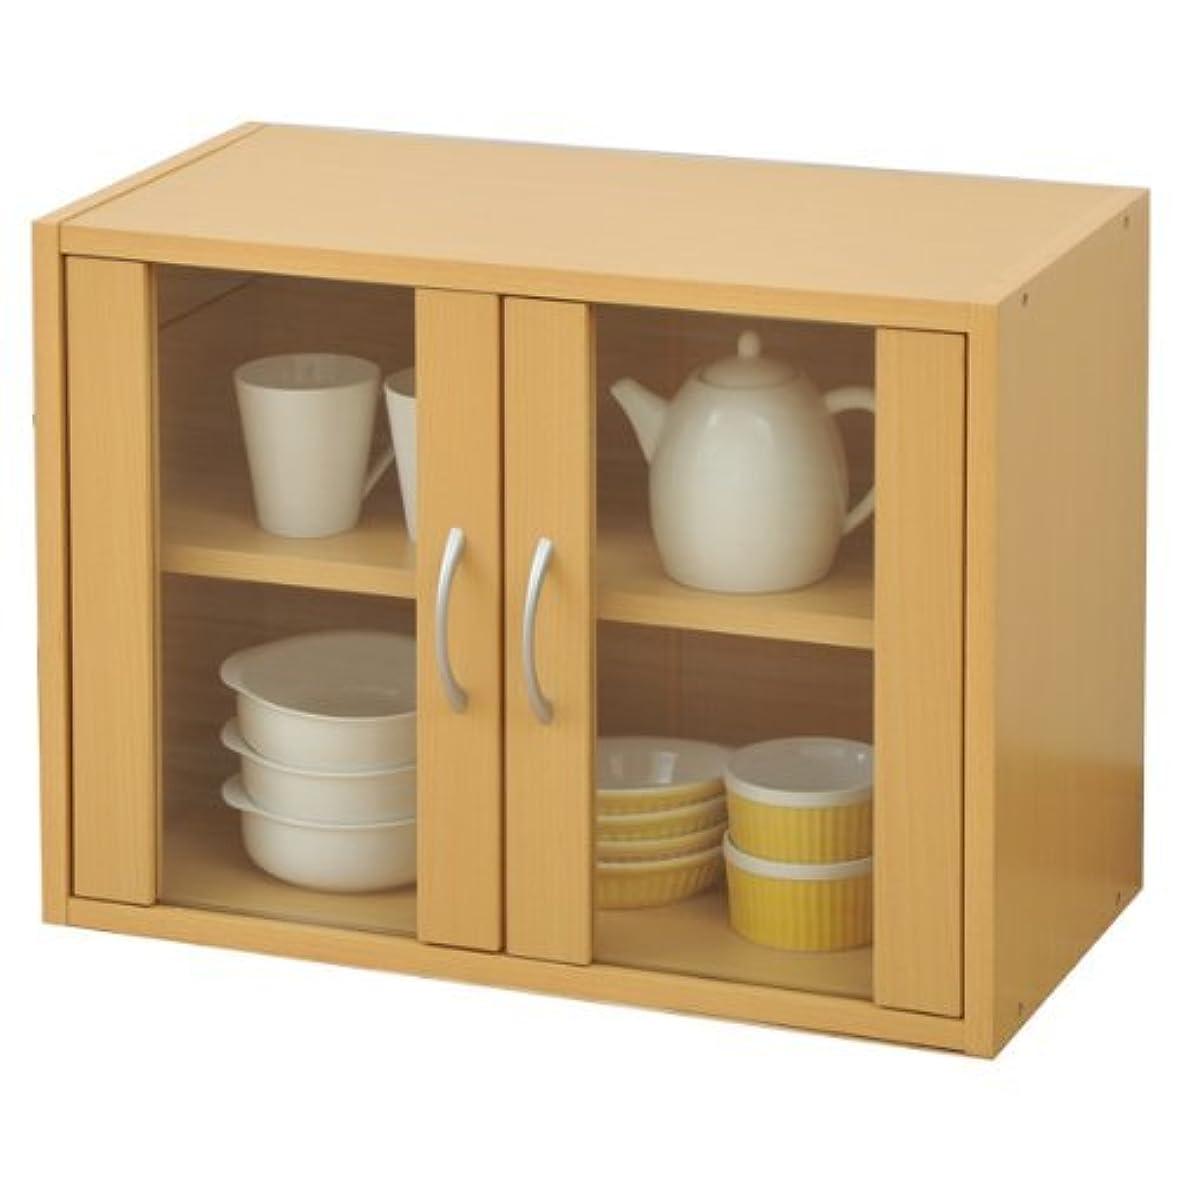 識字主婦補償山善(YAMAZEN) 食器棚ガラスキャビネット(幅60高さ45) ナチュラル CCB-4560(NB)